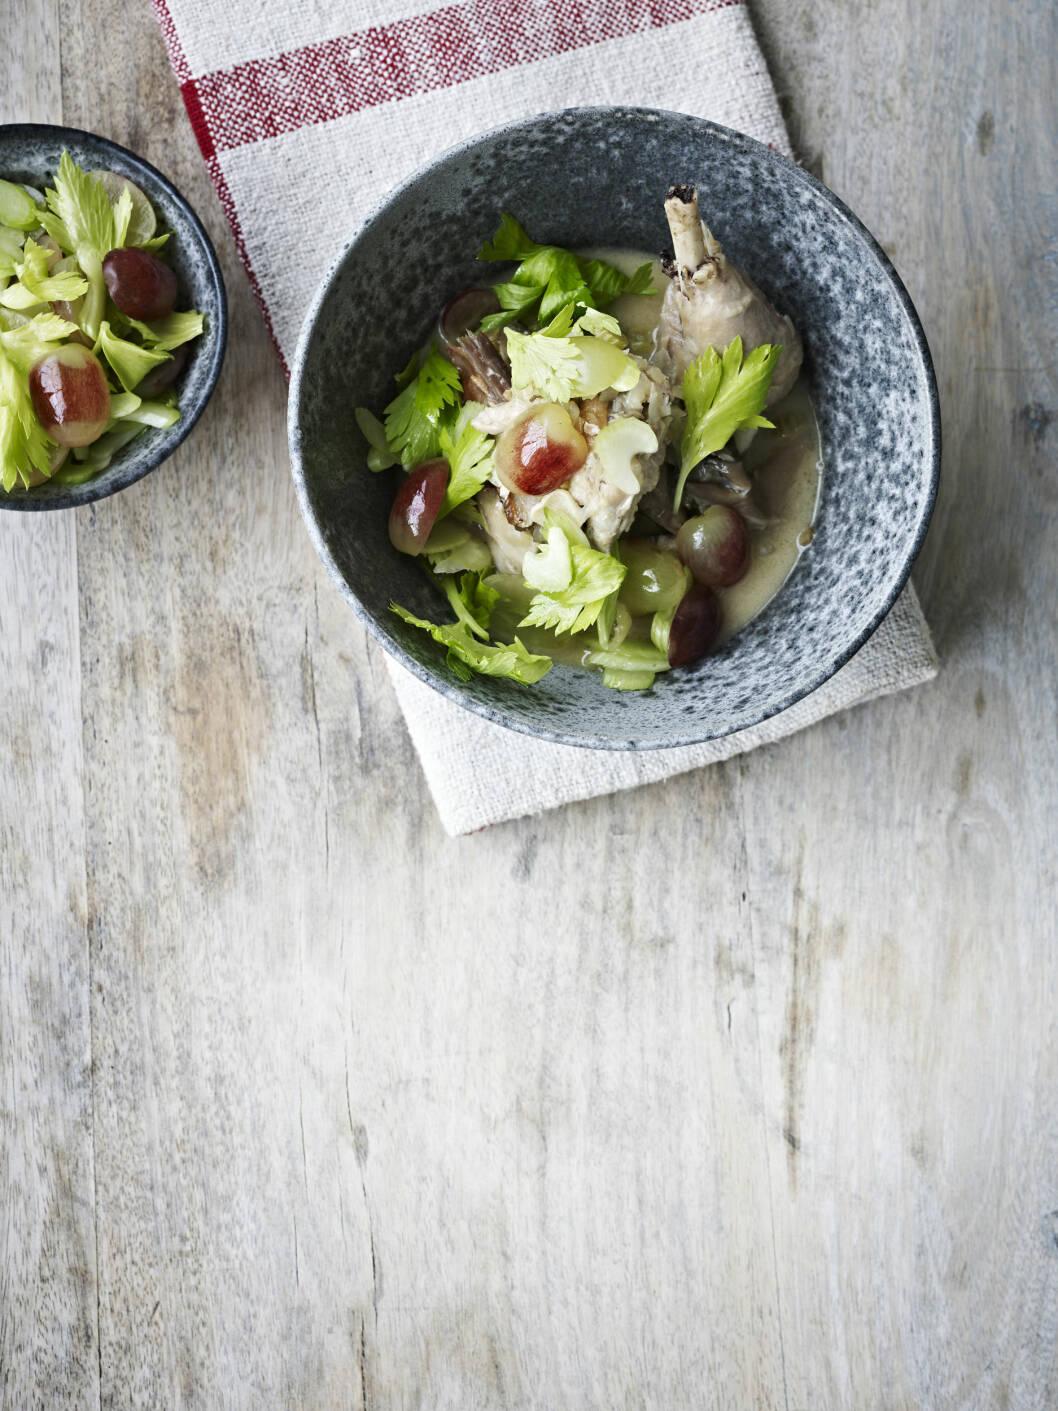 FRANSK: En lett utgave av coq au vin. Den sprø, søte salaten er deilig på toppen! Foto: All Over Press